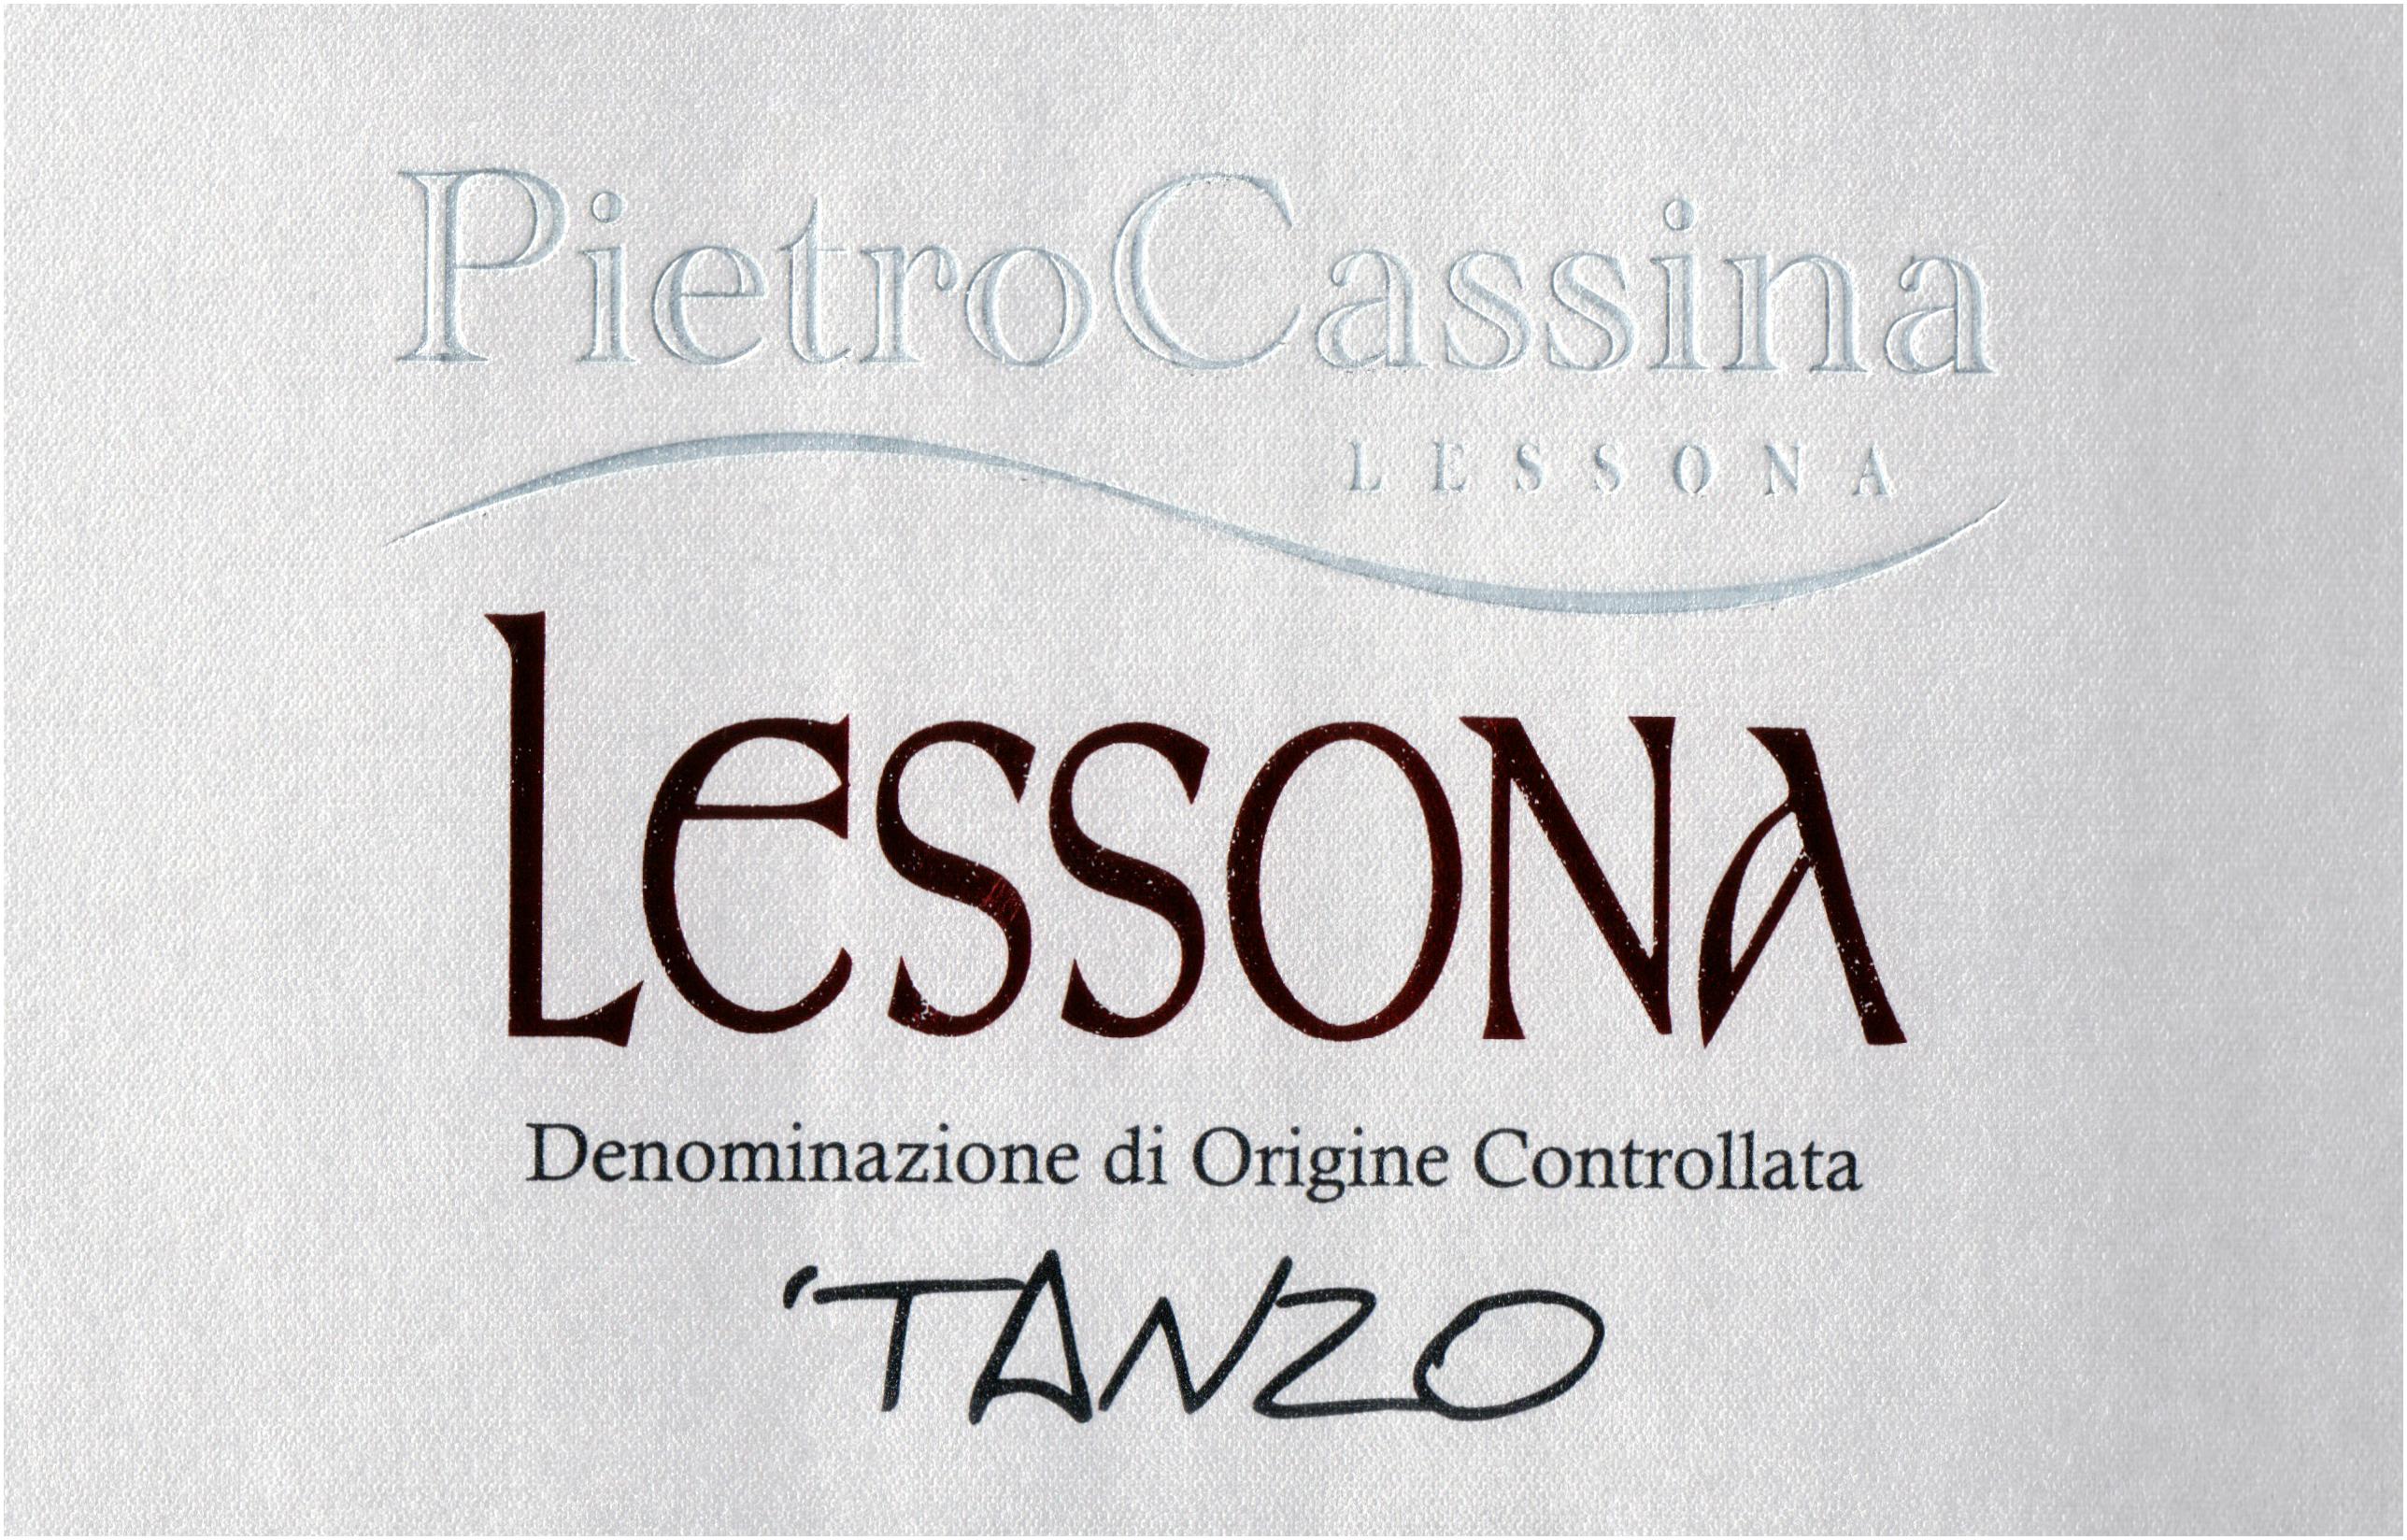 Pietro Cassina Tanzo 2011